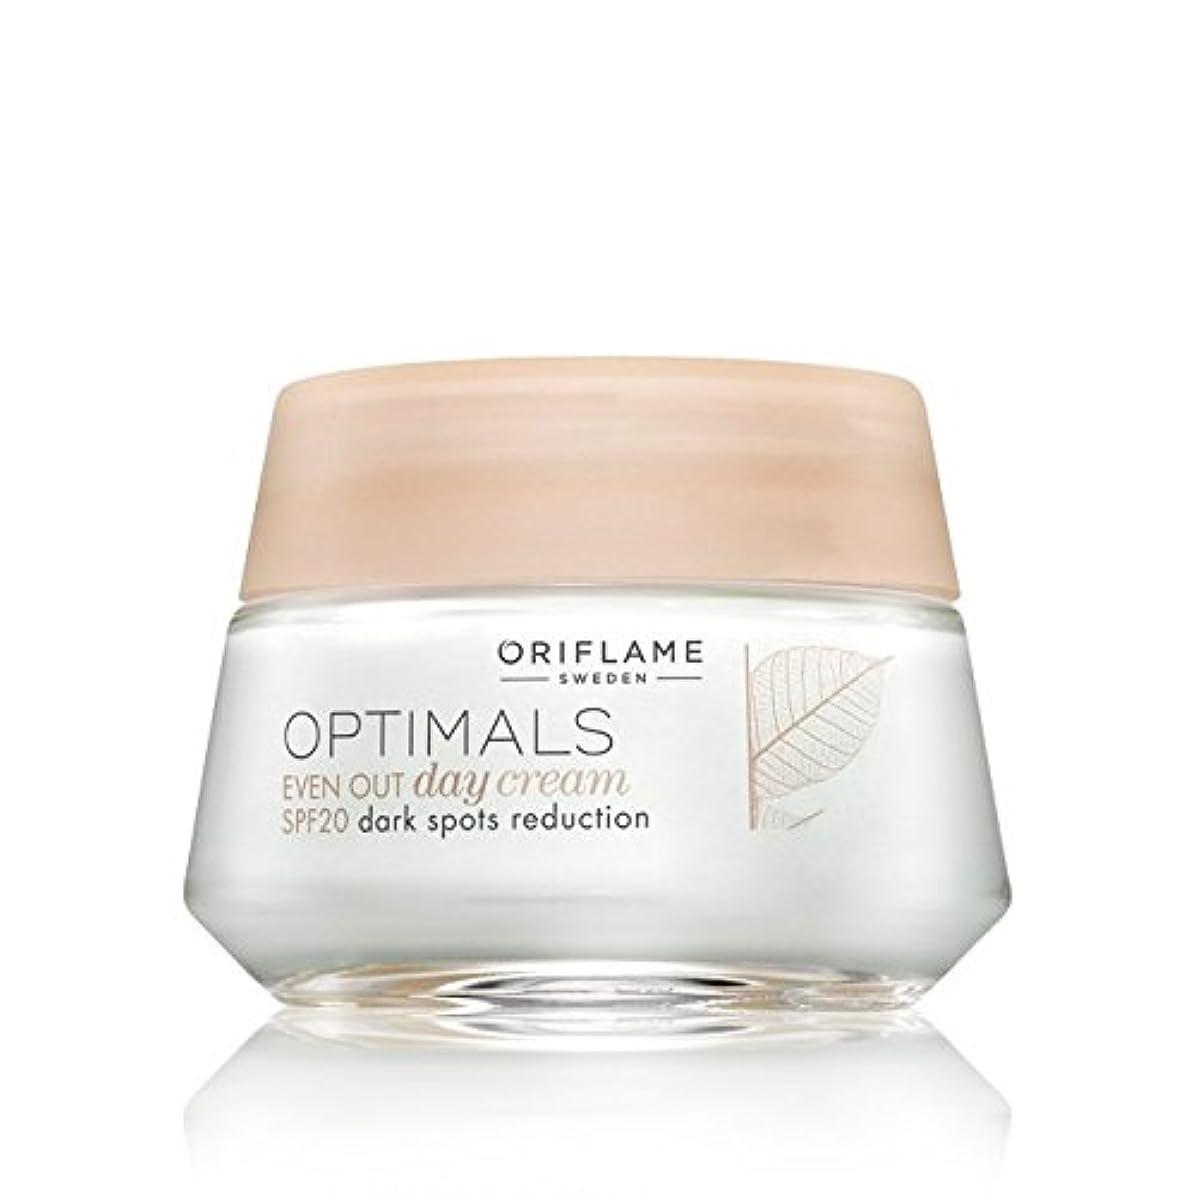 生き返らせるラボ異常Oriflame Optimals SPF 20 Dark Spot Reduction Even Out Day Cream, 50ml